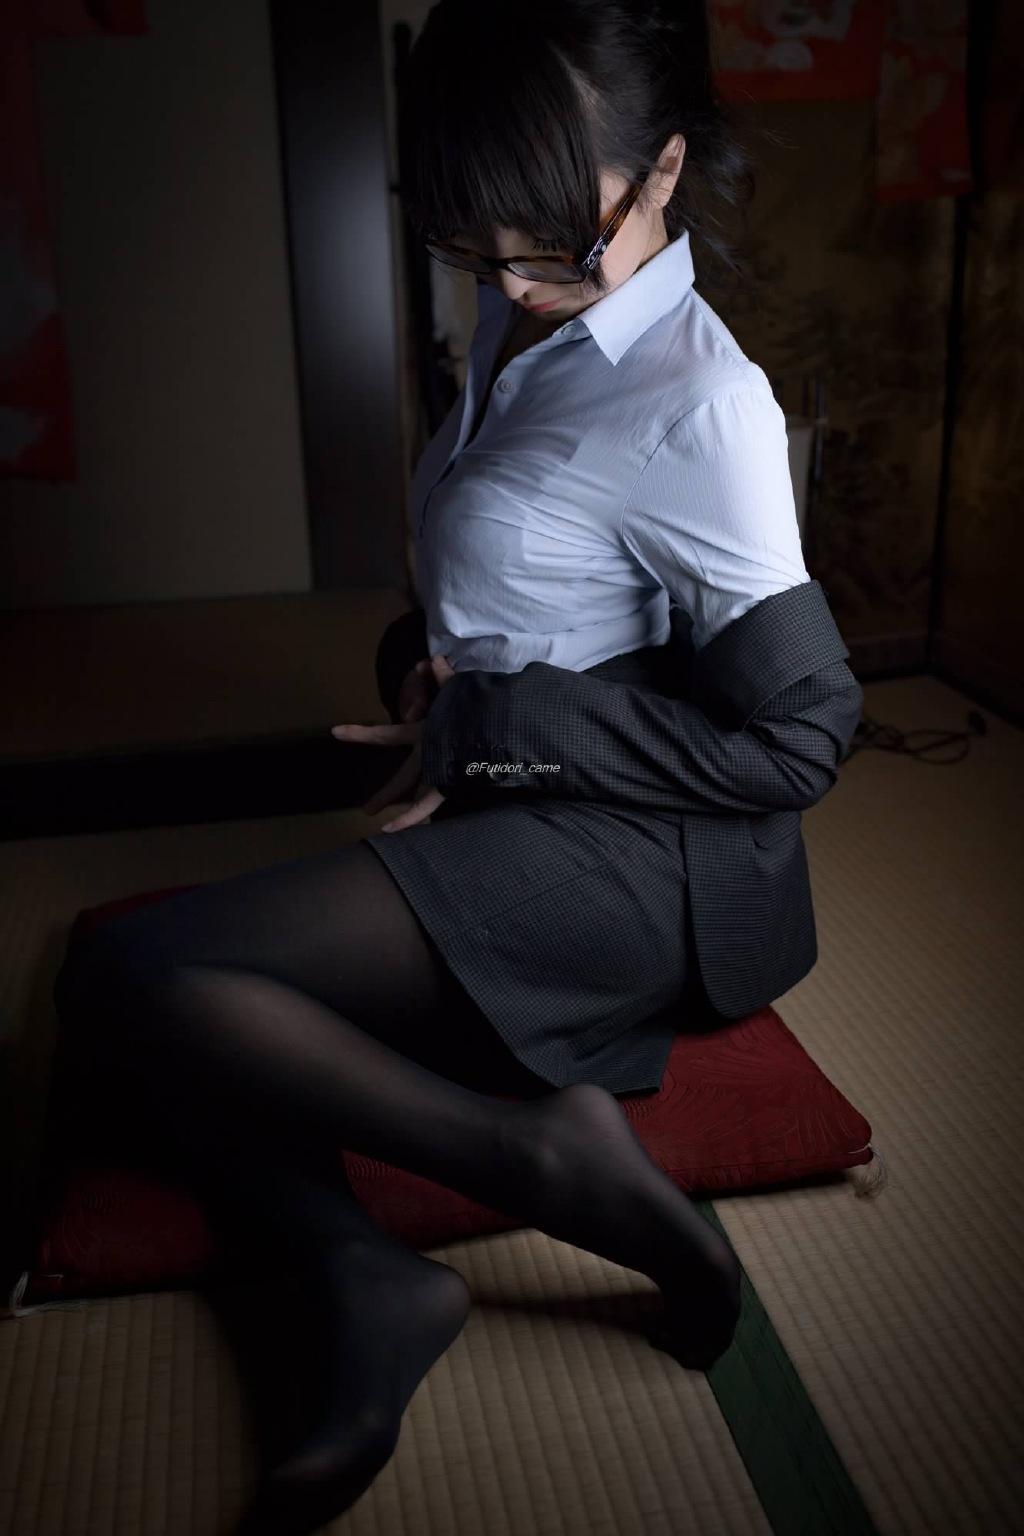 1024宅男社绅士丝袜足控福利:一组令人窒息的黑丝[39P]